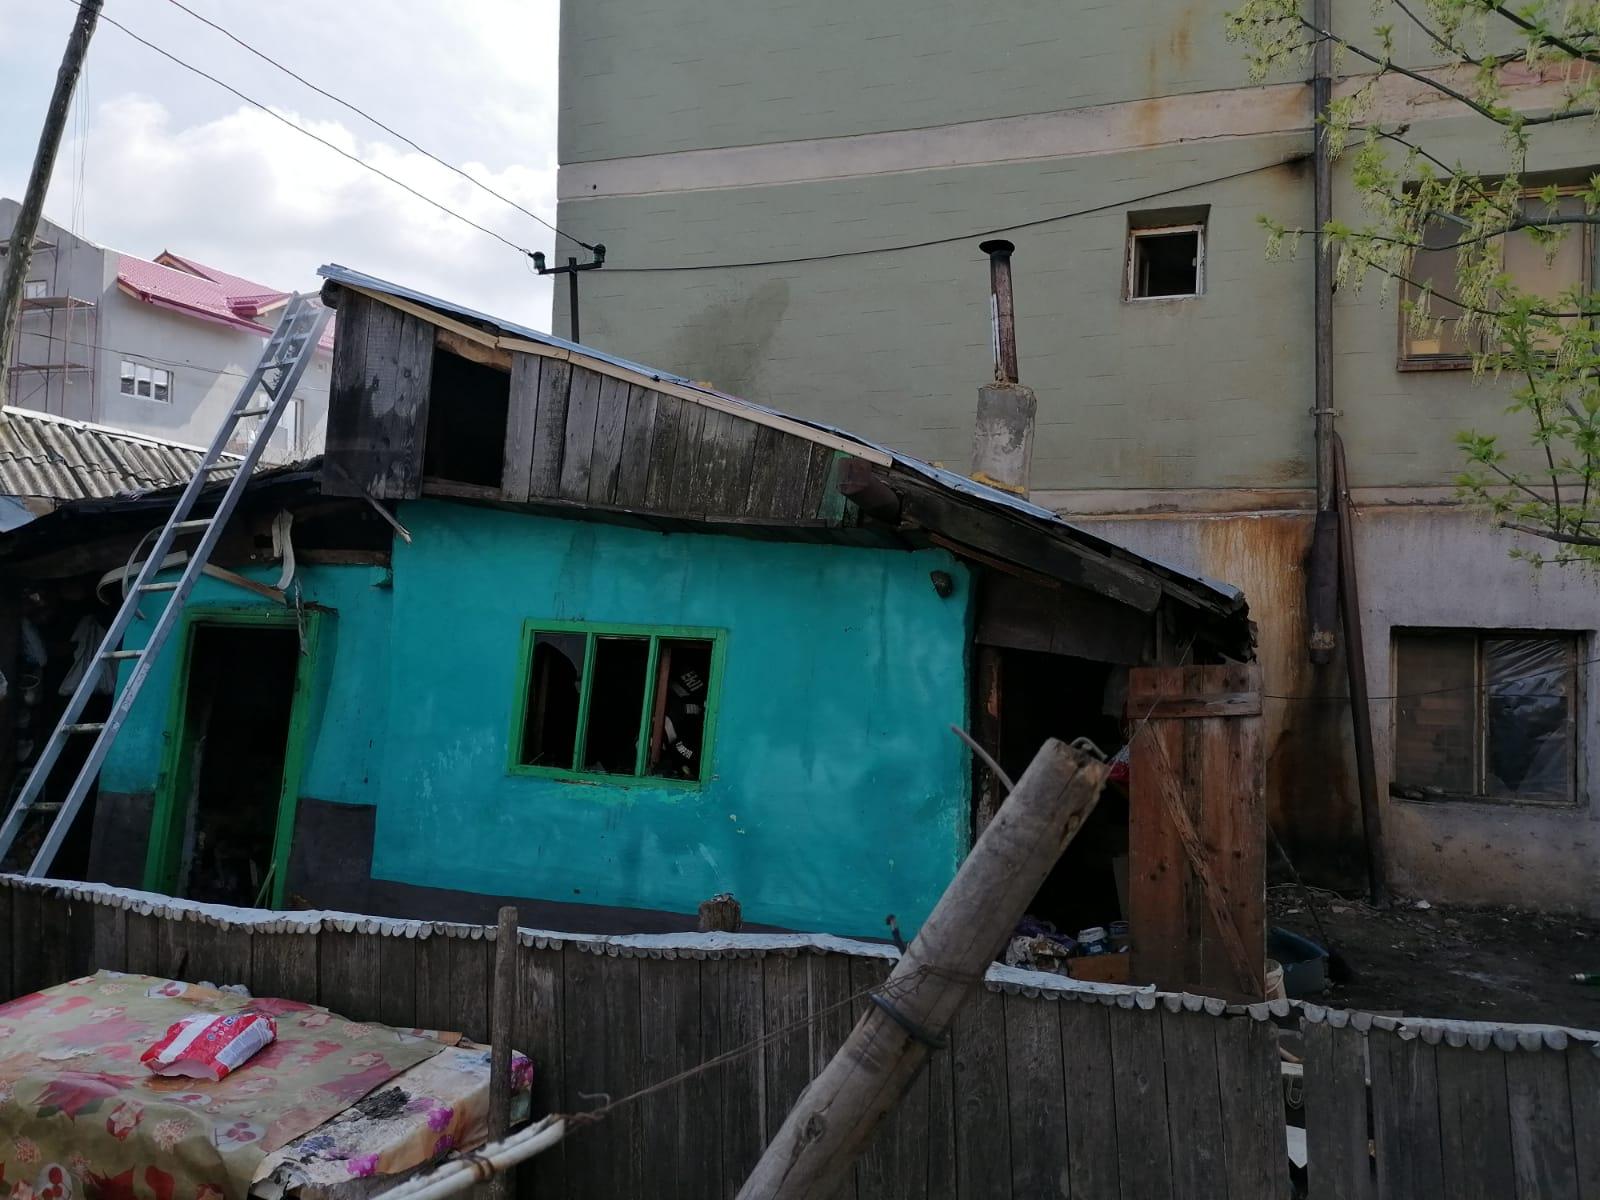 FOTO | Explozie urmată de incendiu. Două persoane au ajuns la spital